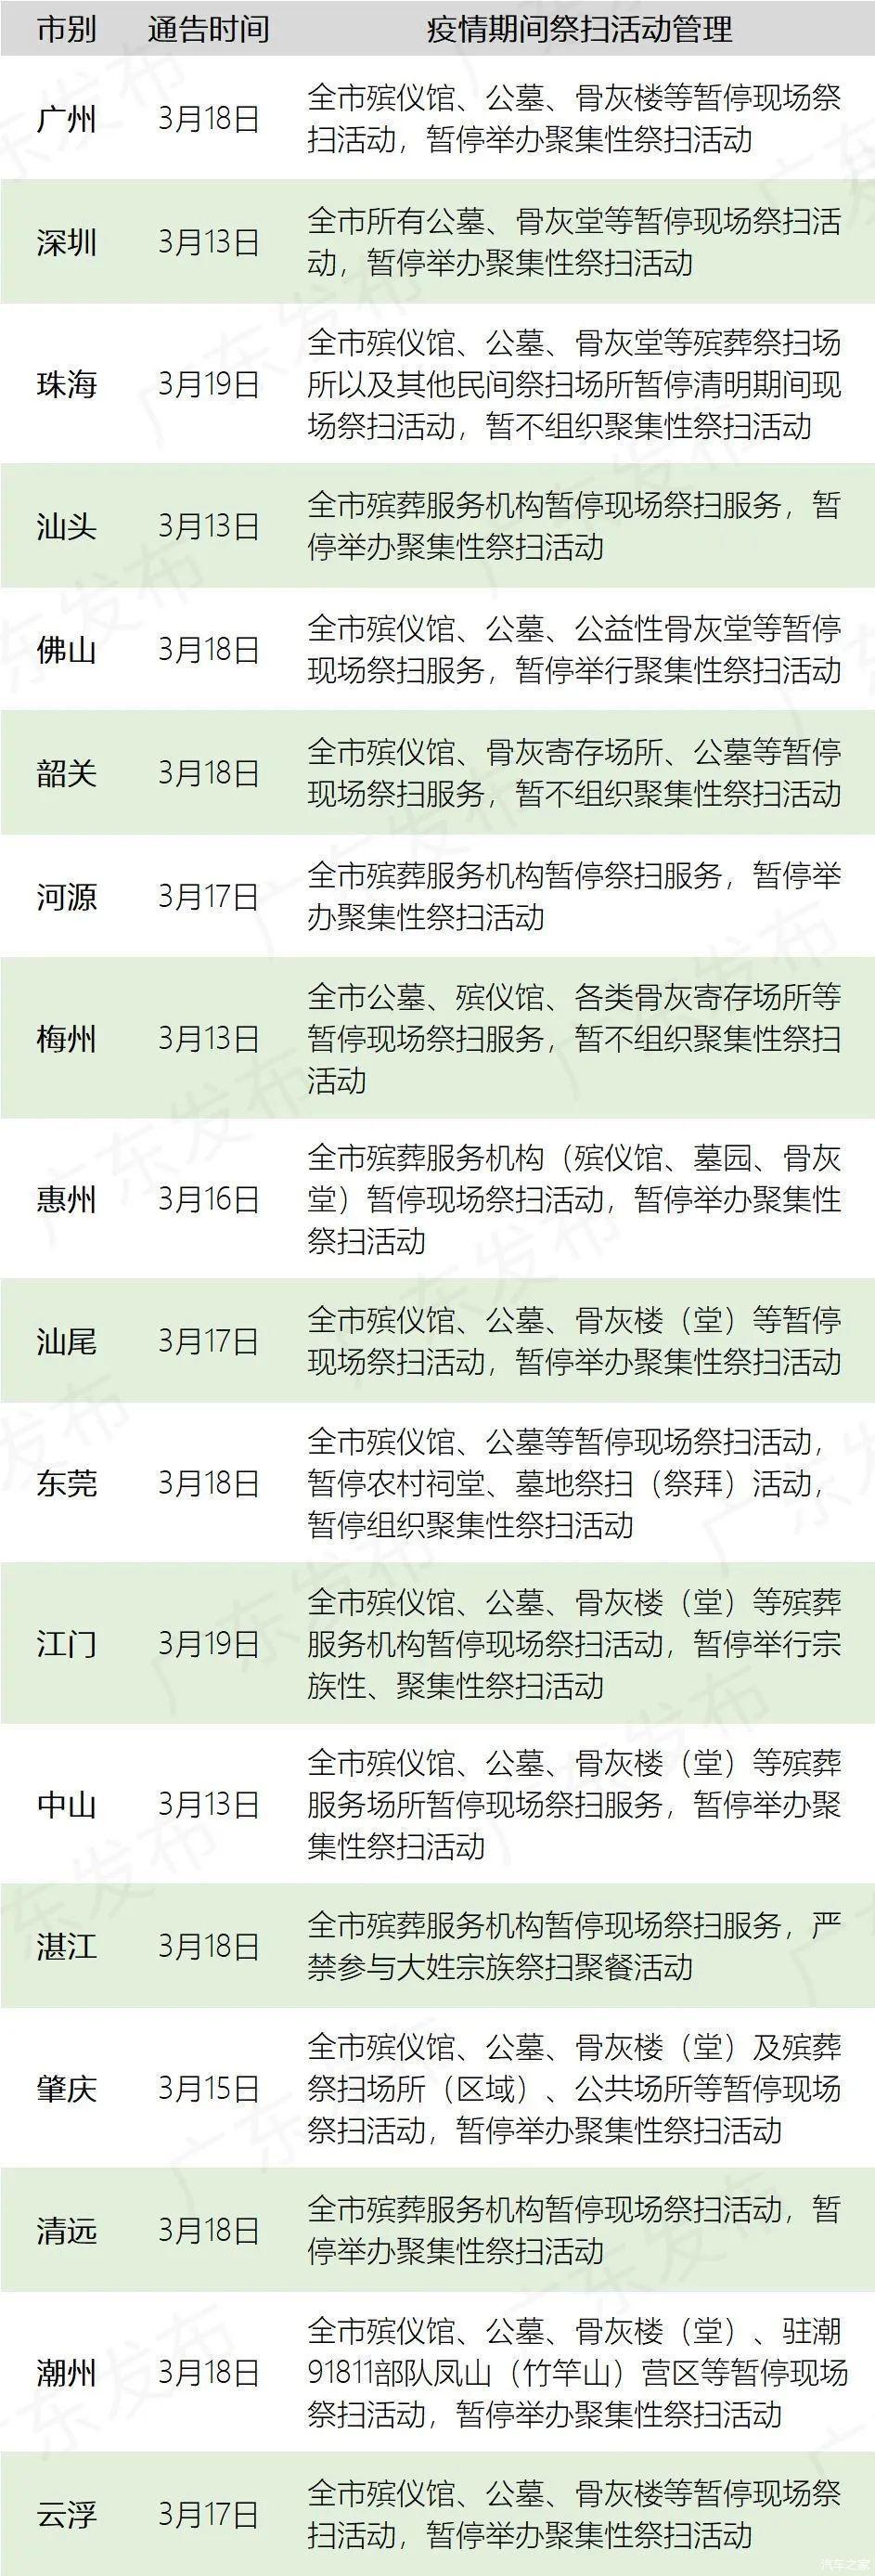 清明小长假将至!广东路况趋势预测来啦!#两公布一提示#